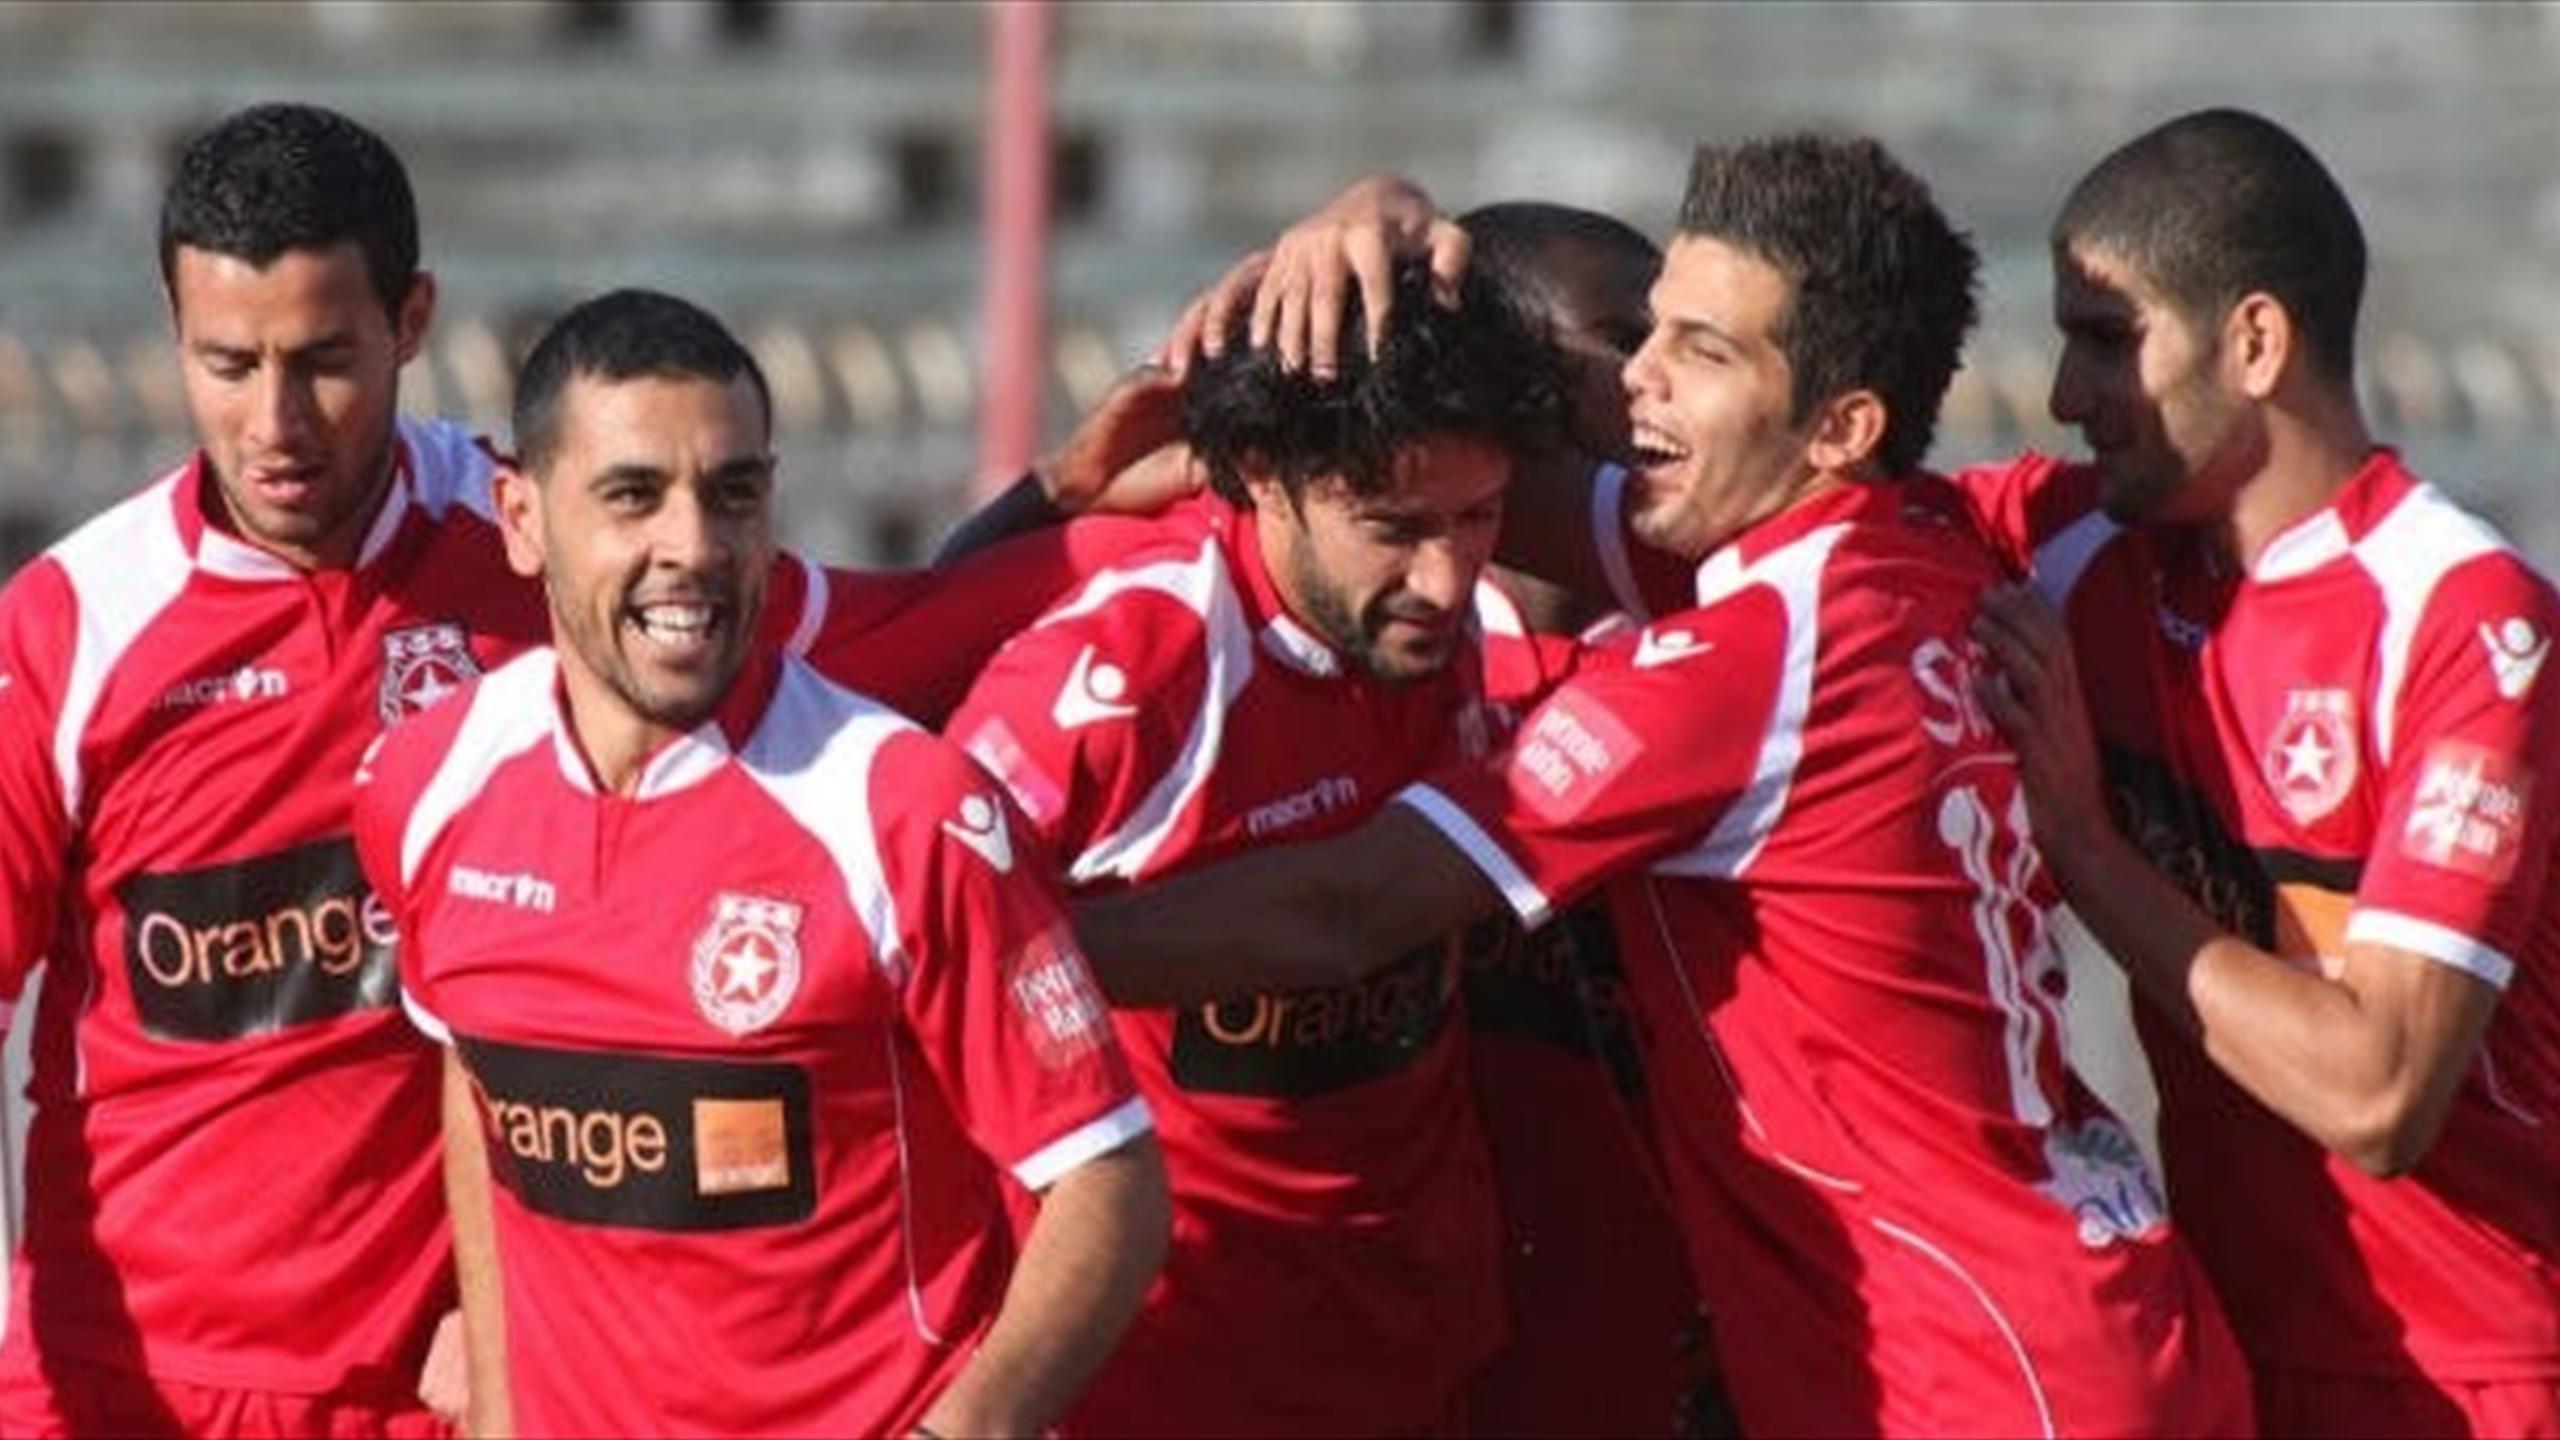 صور النجم الساحلى التونسى 7 صور النجم الرياضي الساحلى التونسى افضل فرق افريقيا